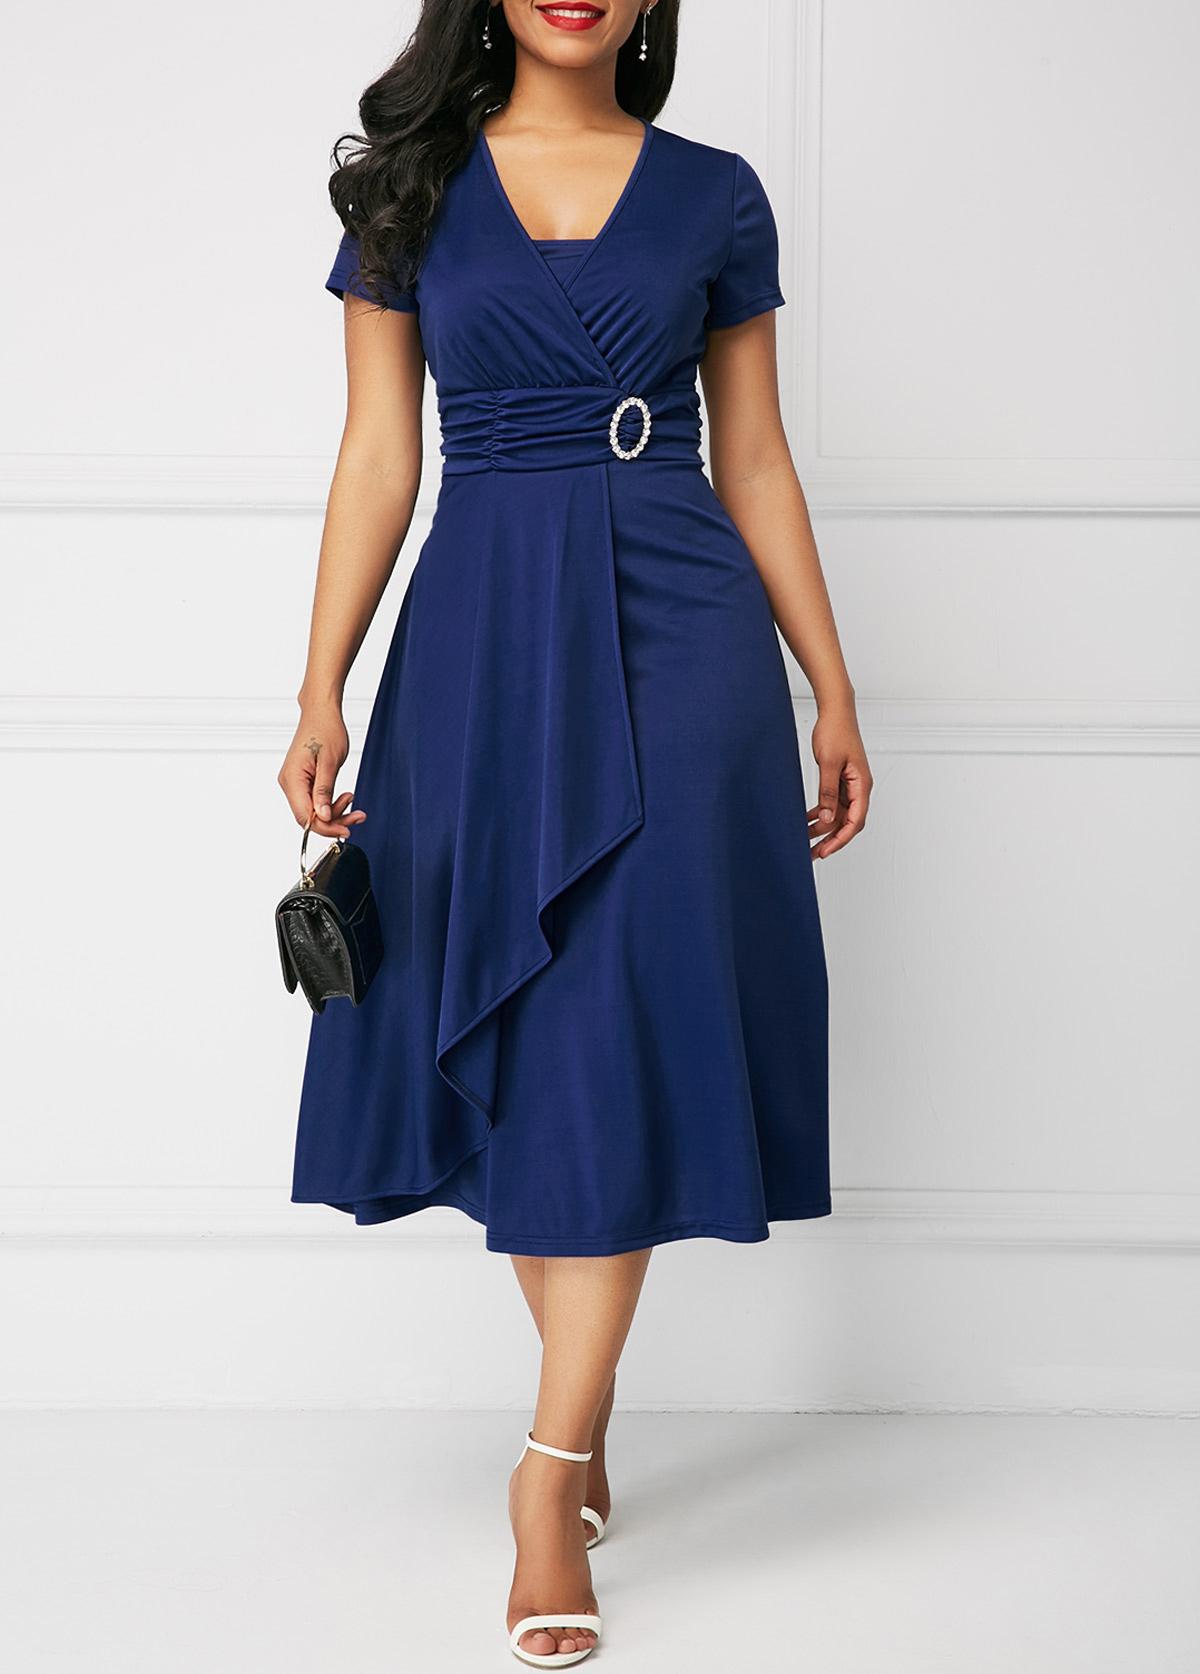 ROTITA Short Sleeve Royal Blue Asymmetric Hem Dress